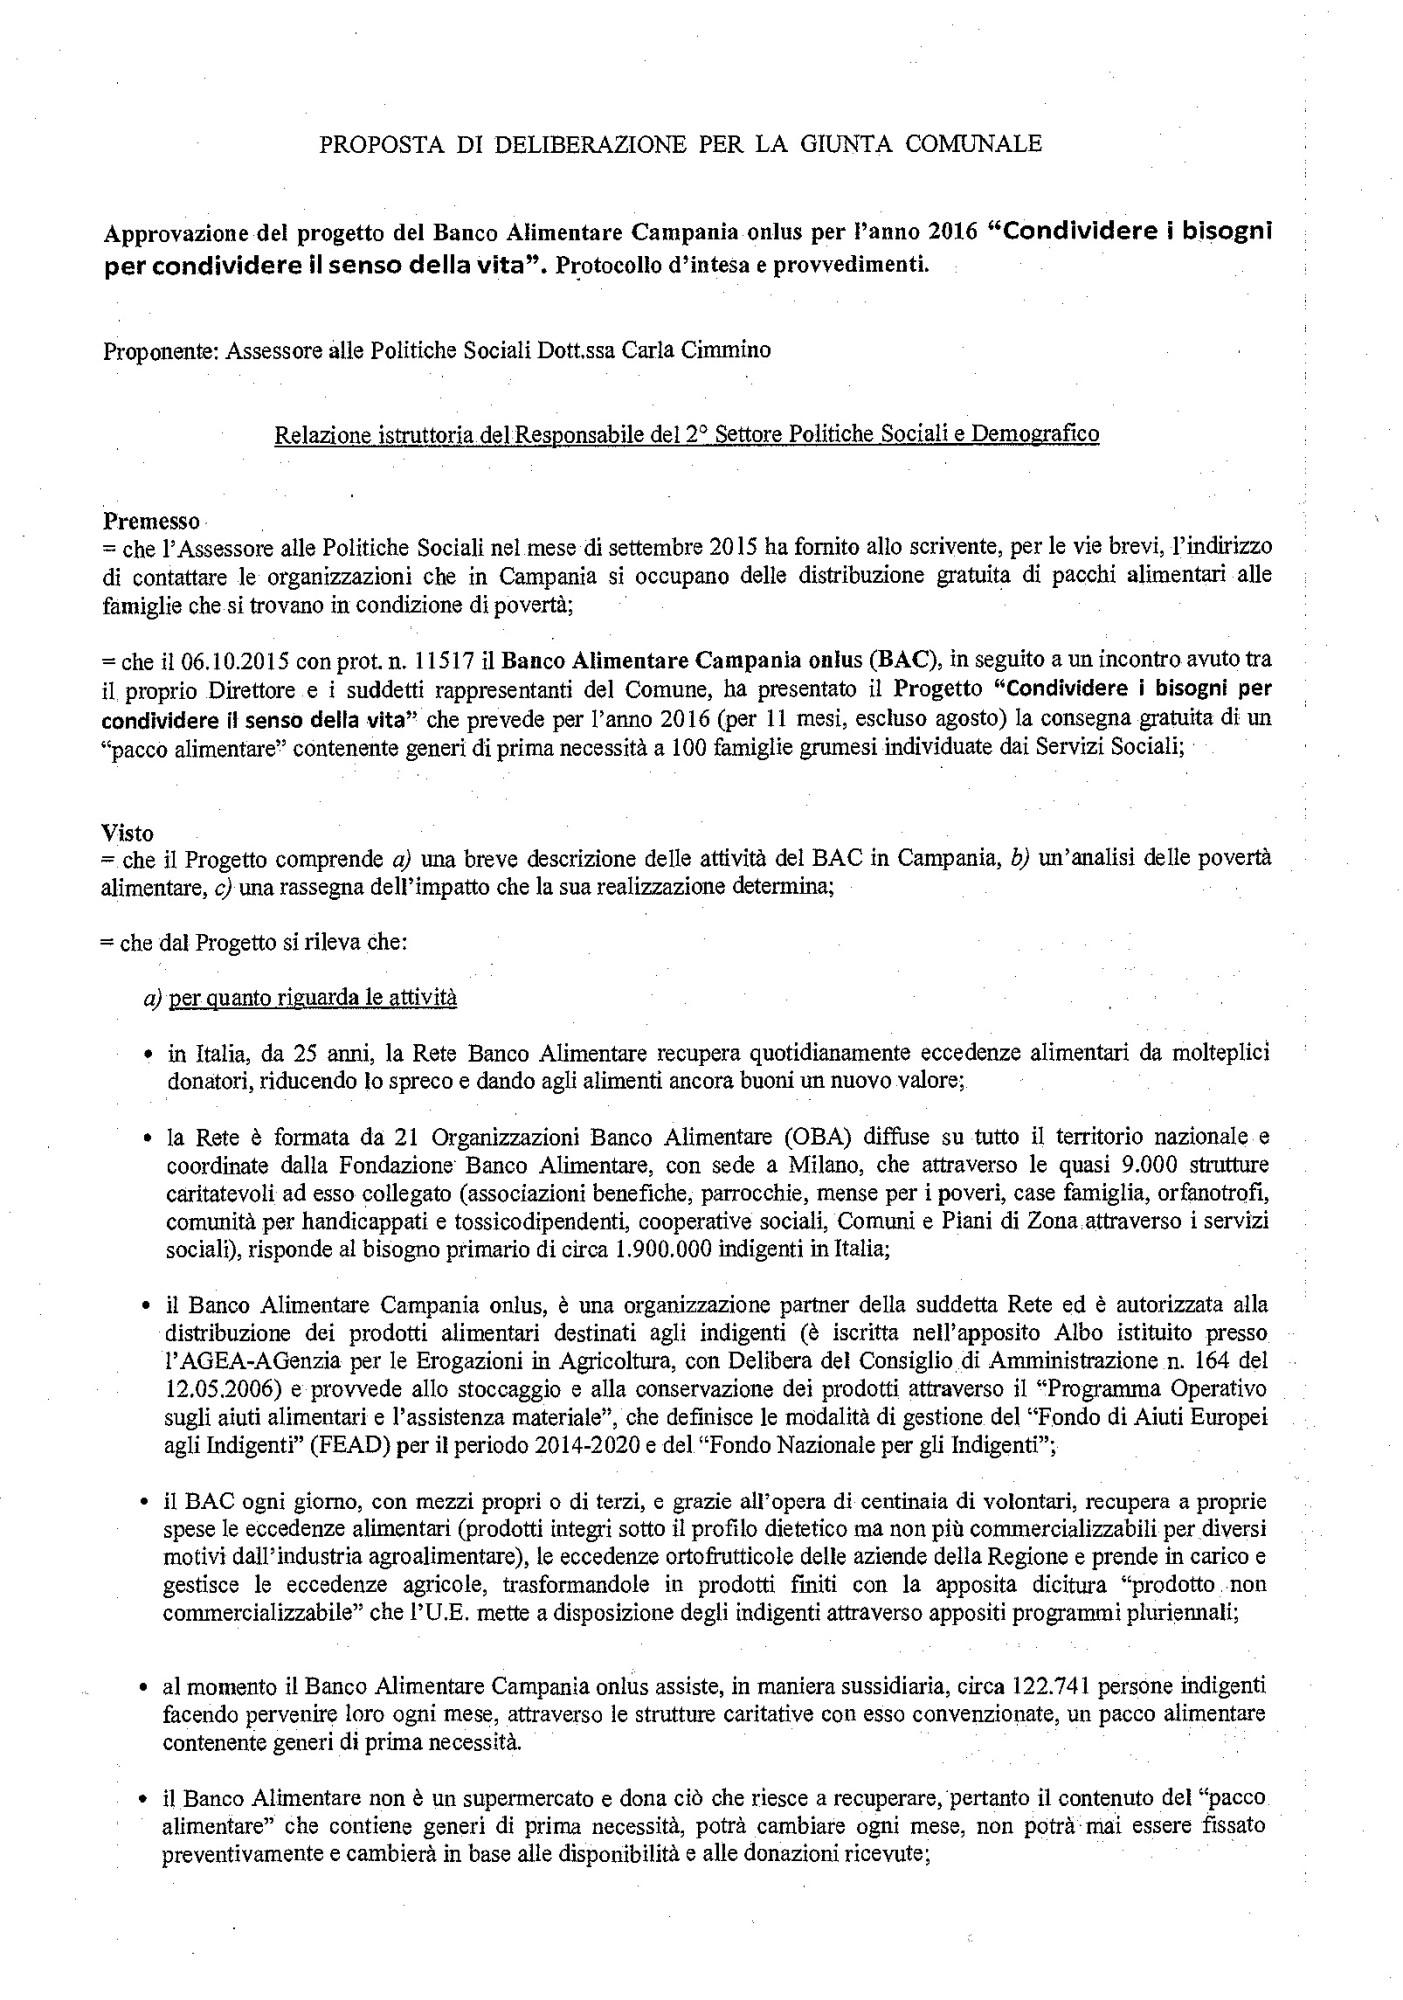 112_App._del_progetto_banco_alimentare_campania_pe_Pagina_2_Immagine_0001